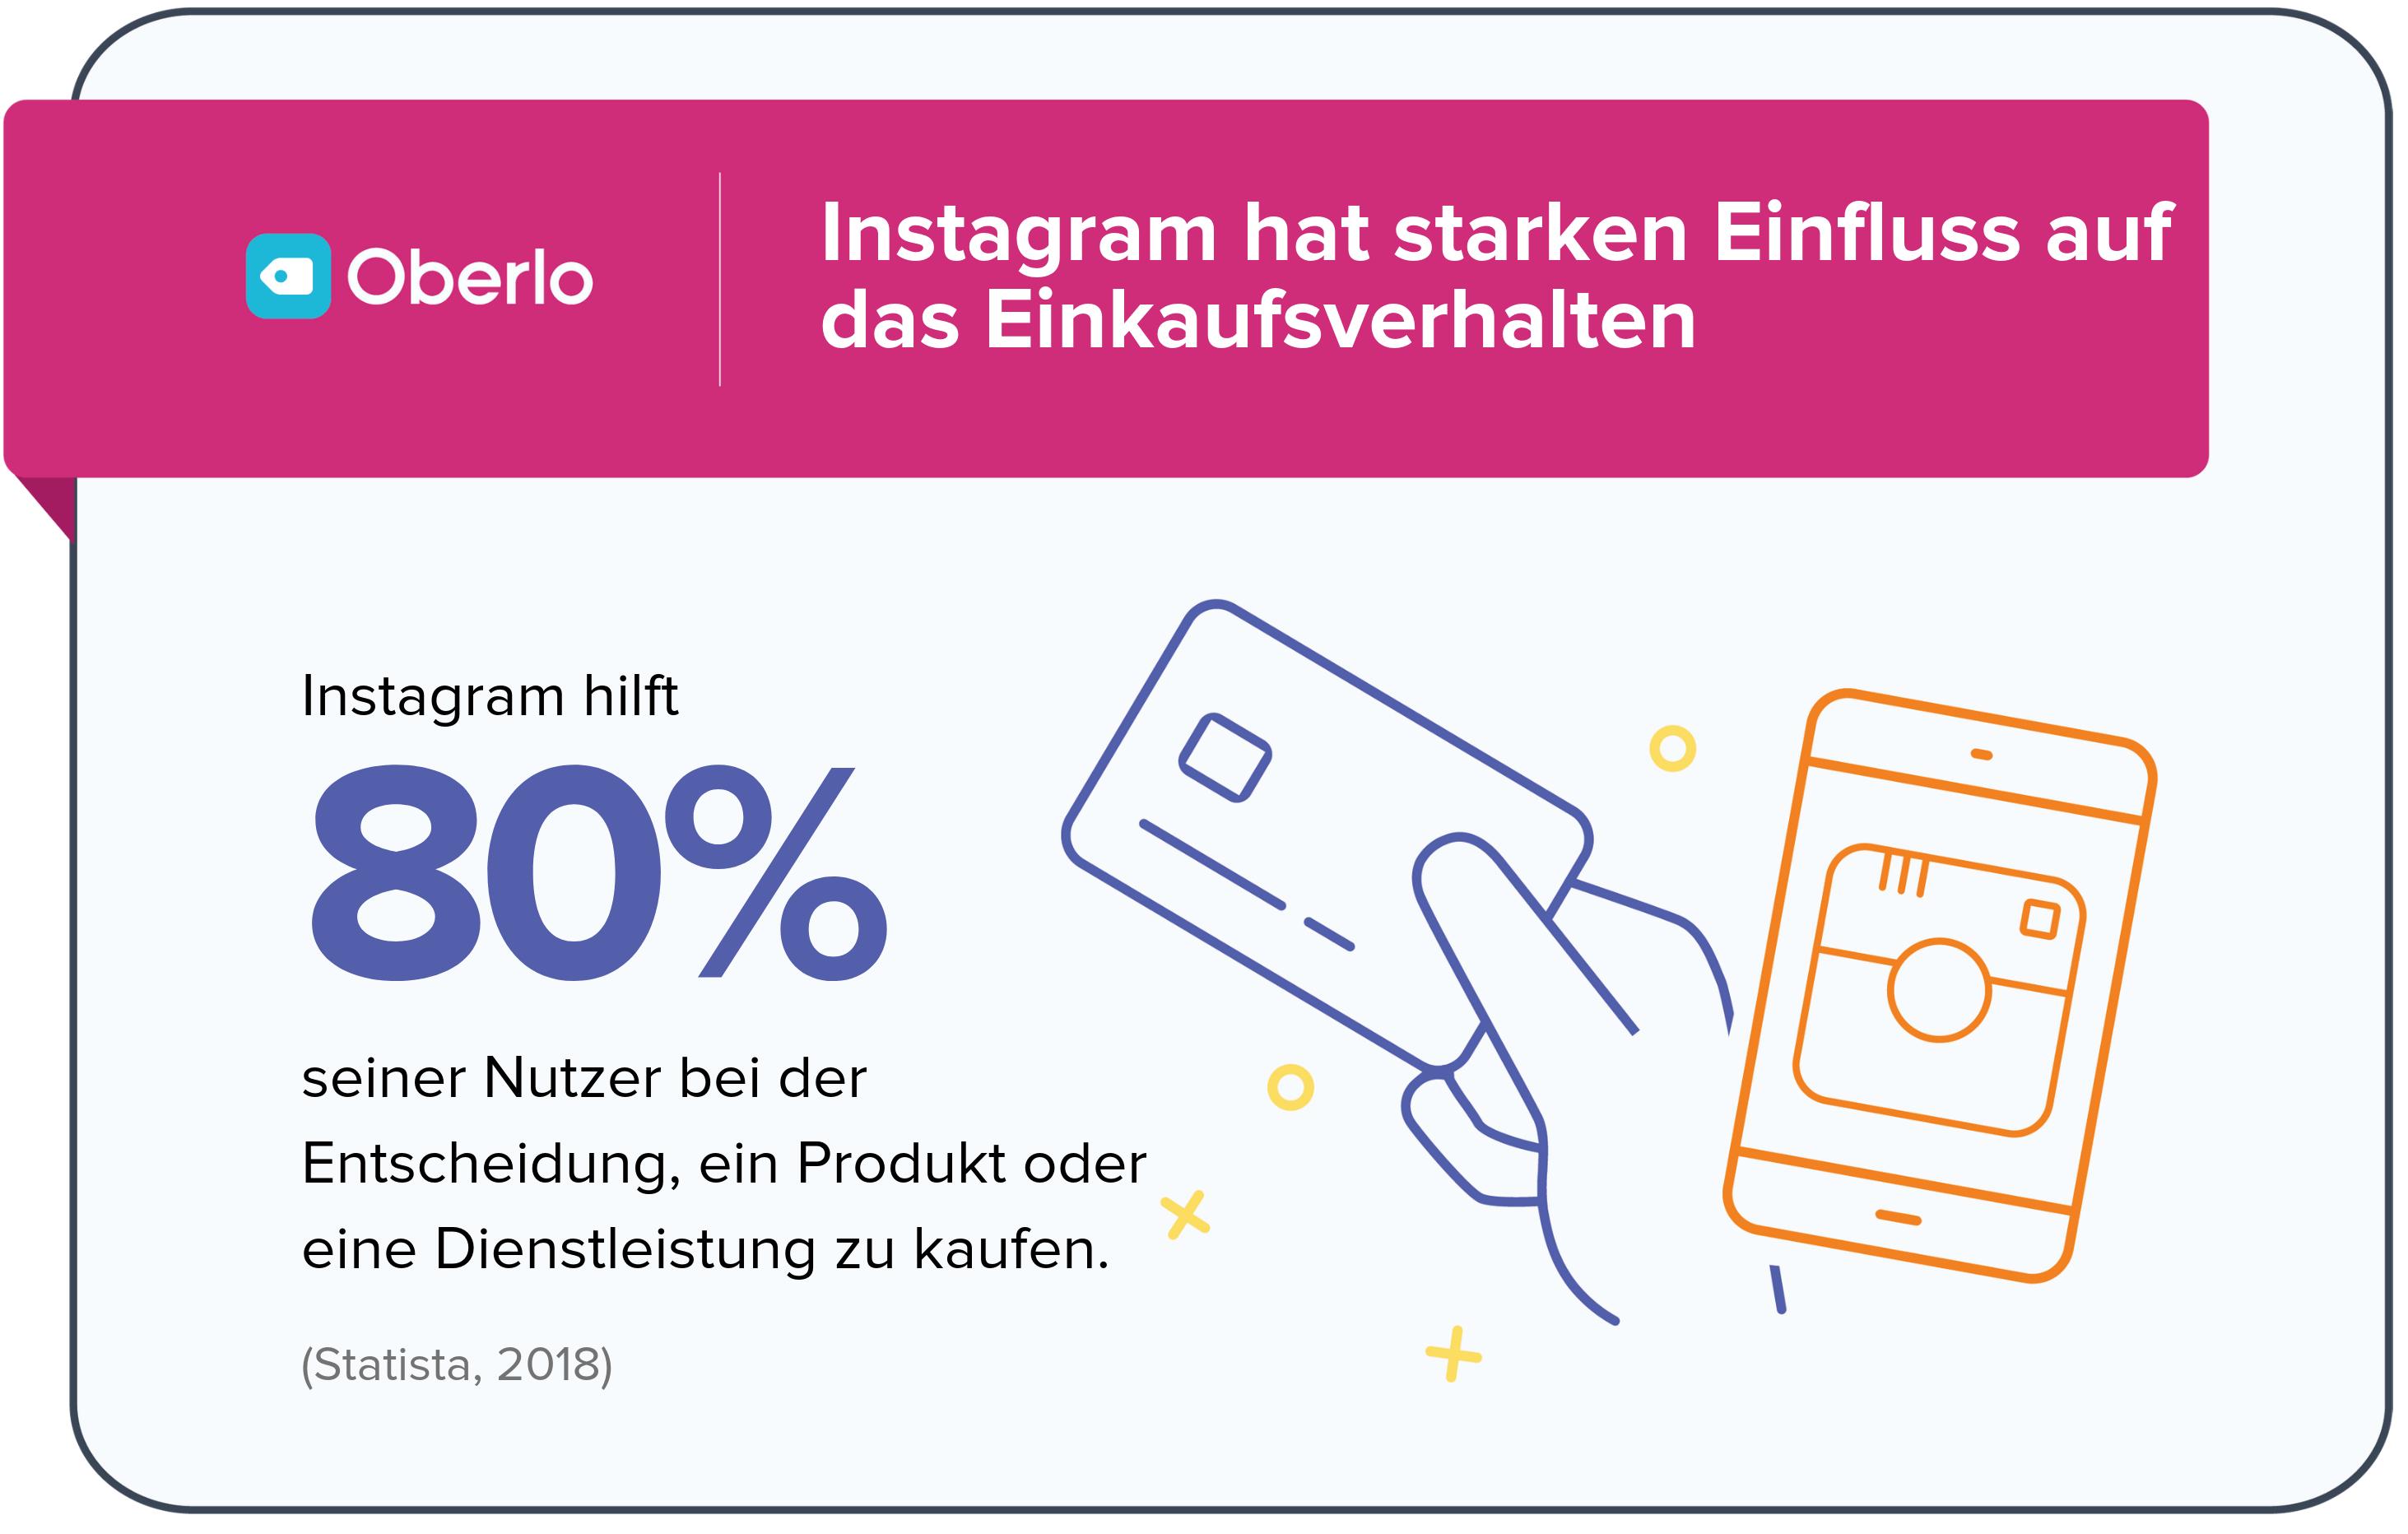 Instagram Statistik - Einkaufsverhalten